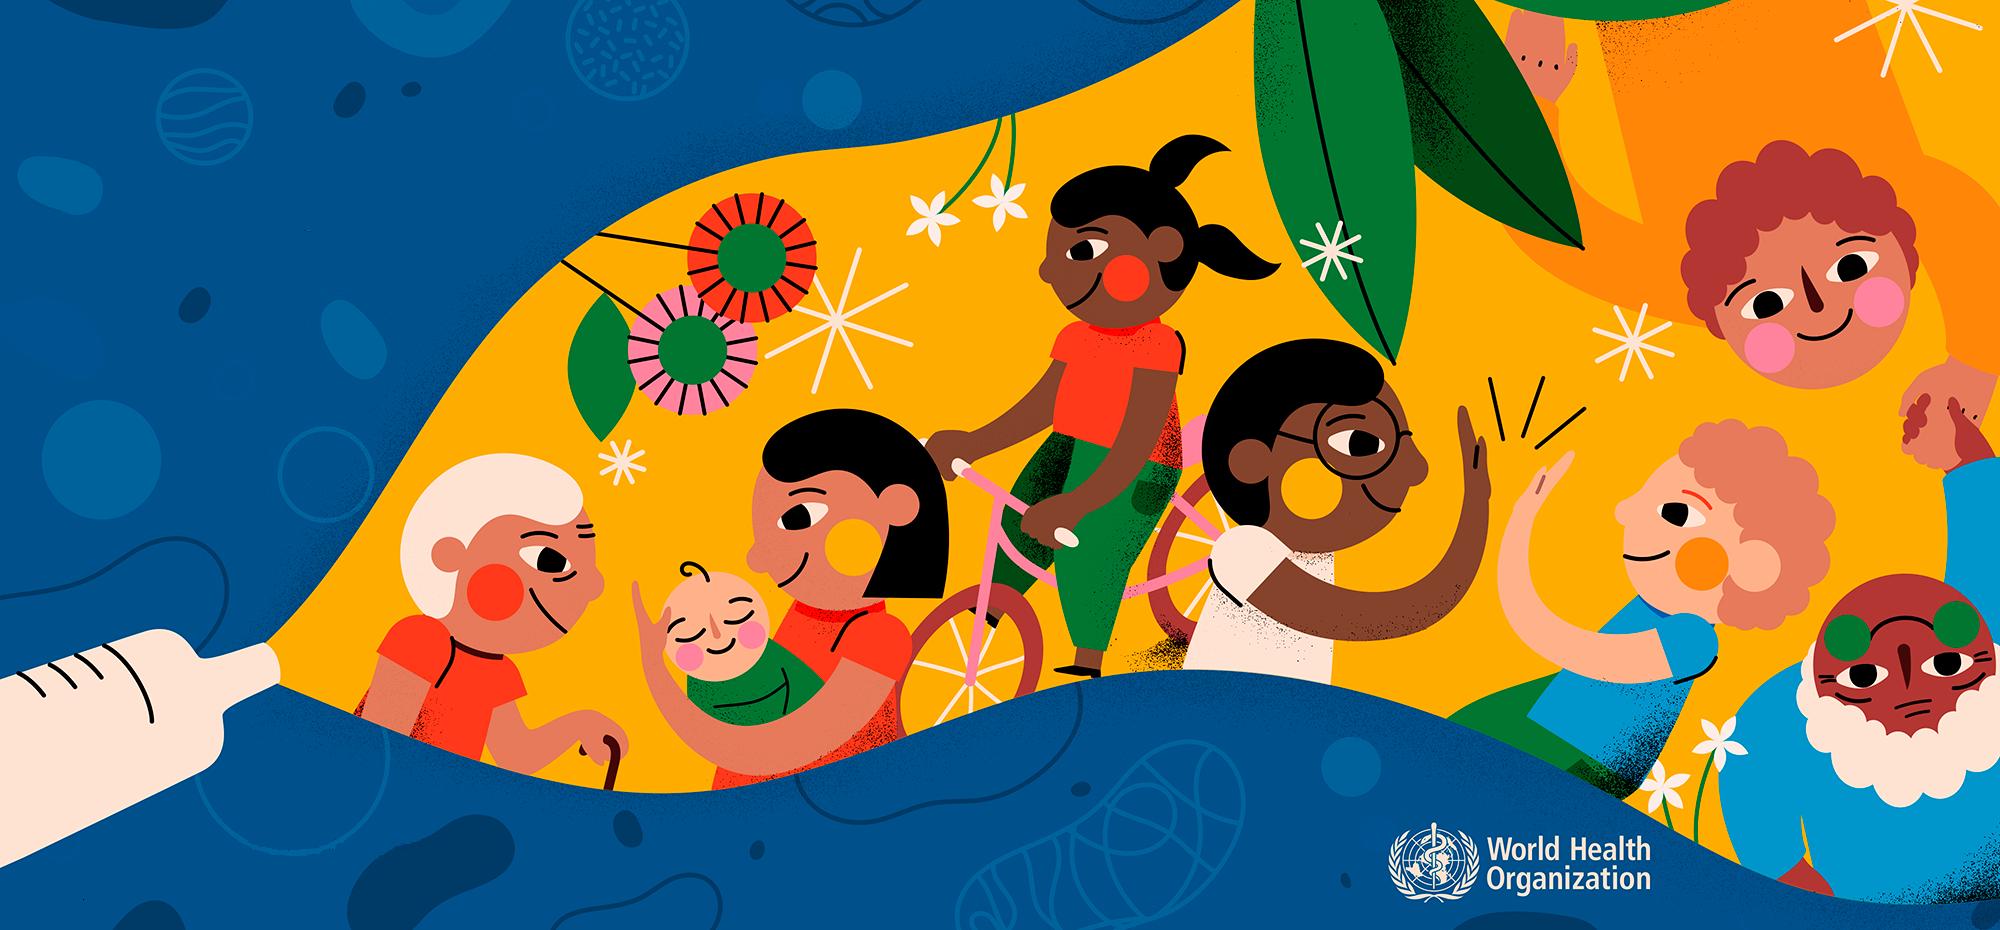 Slika Svetovne zdravstvene organizacije